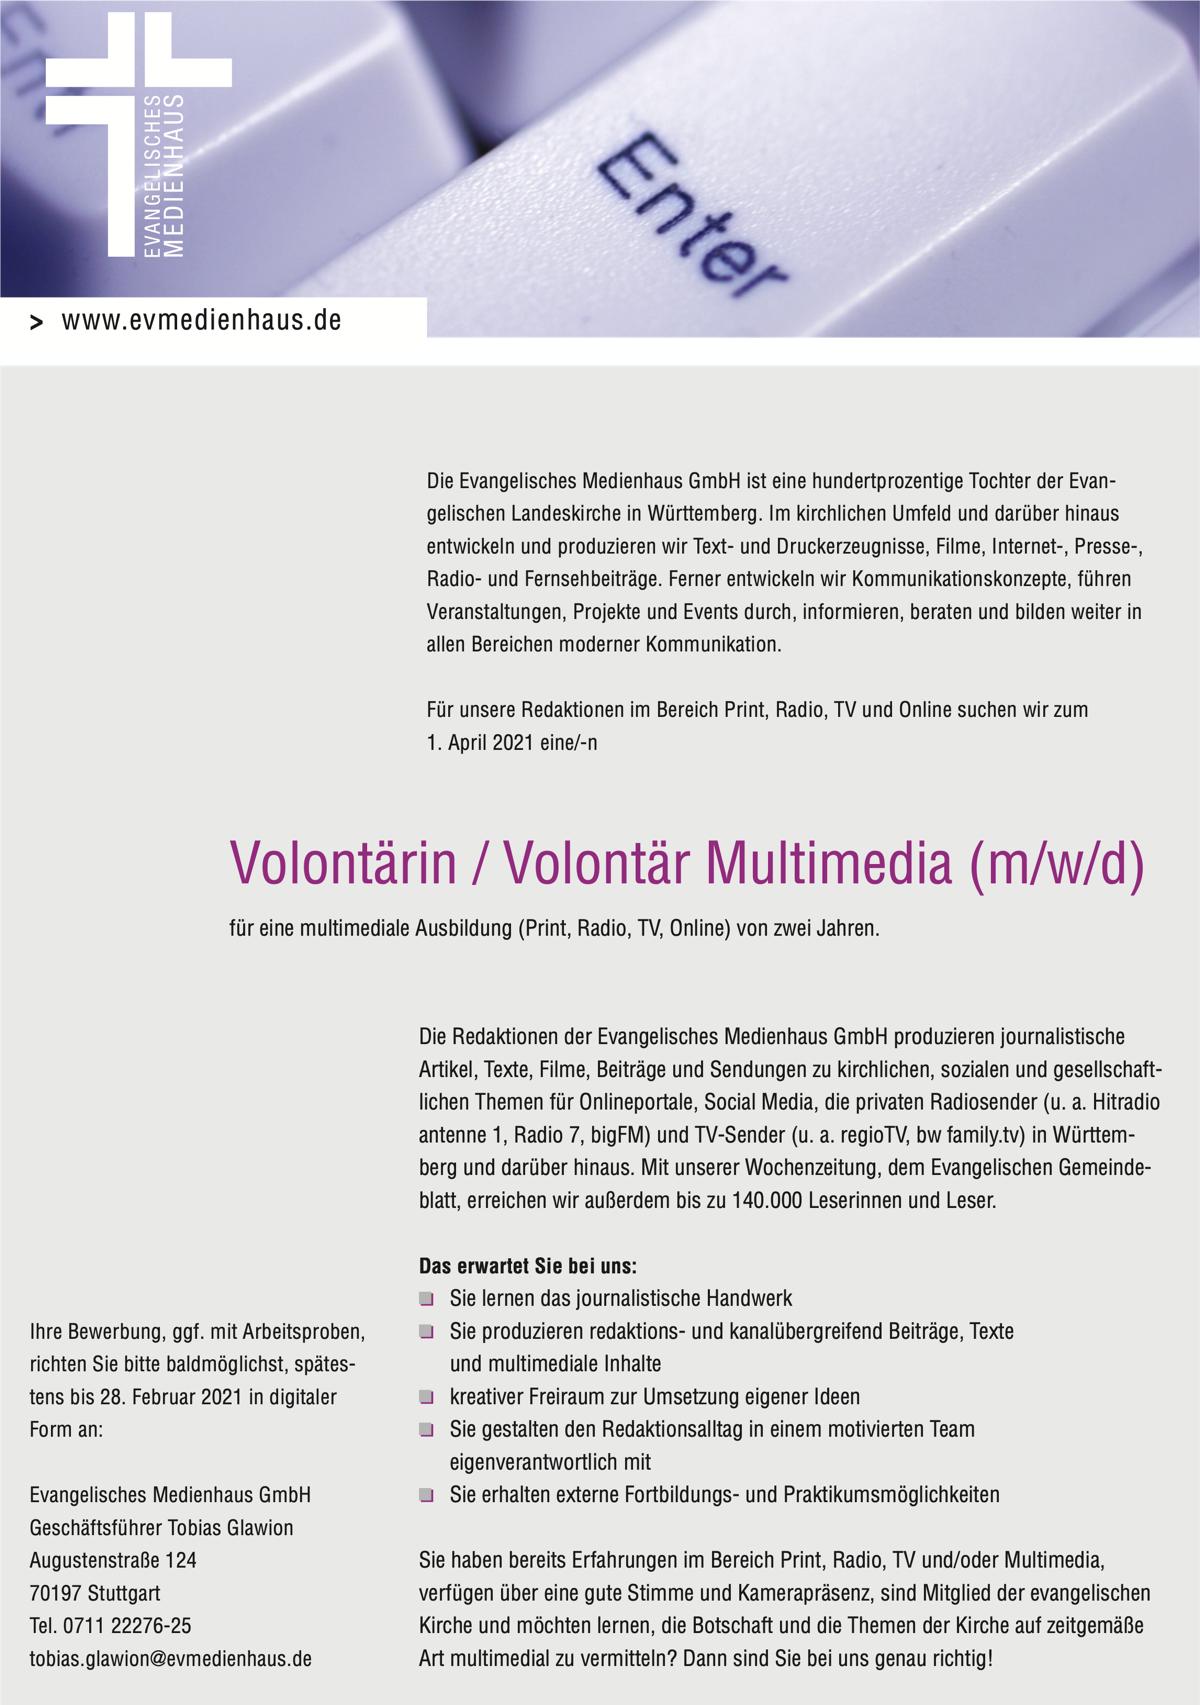 Evangelisches Medienhaus im Bereich Print, Radio, TV und Online zum 1. April 2021 eine/-nVolontärin / Volontär Multimedia (m/w/d) für eine multimediale Ausbildung (Print, Radio, TV, Online) von zwei Jahren.